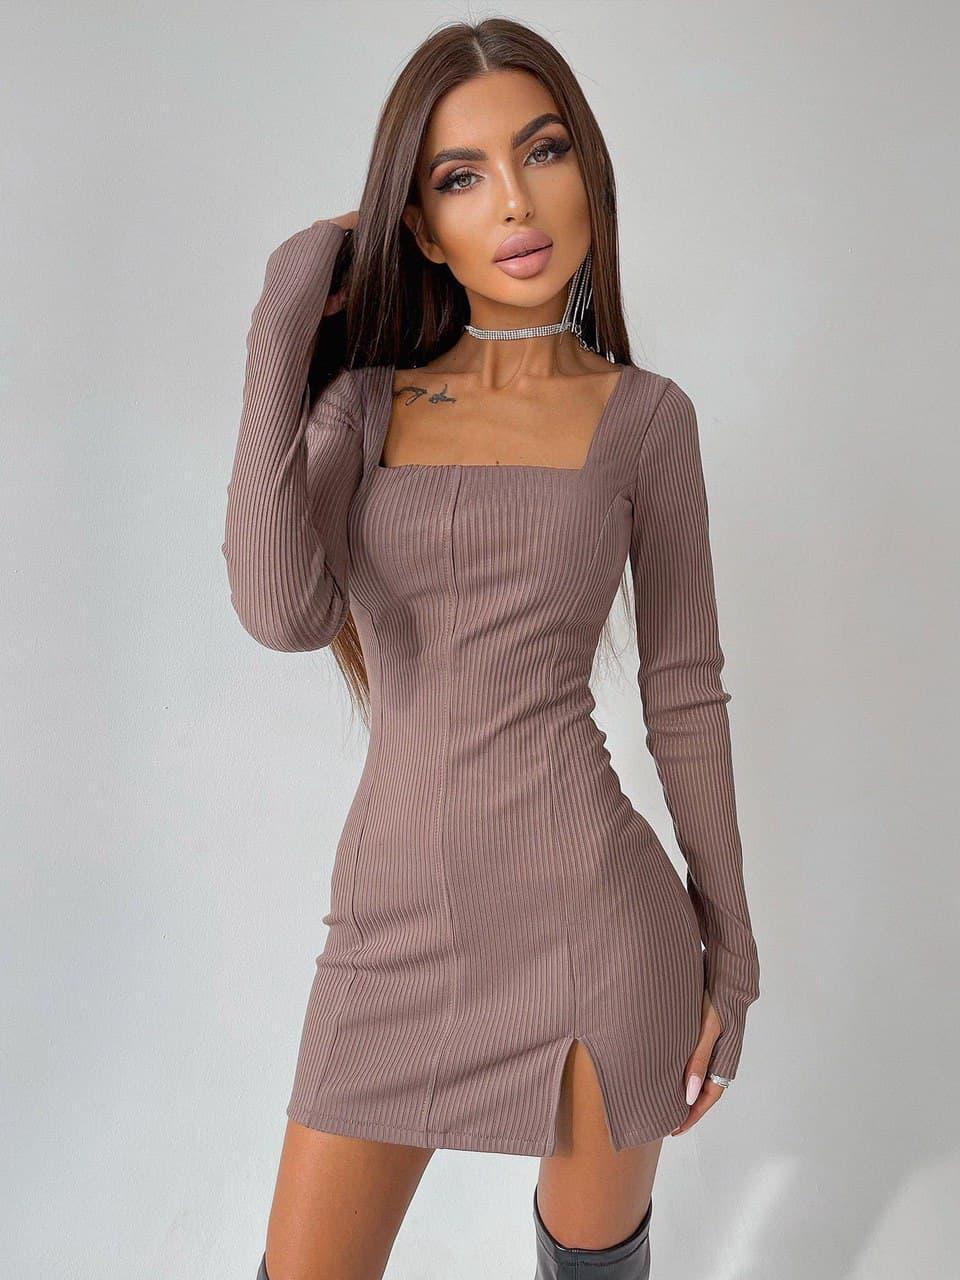 Мини платье с квадратным вырезом на груди приталенное с митенками на рукавах (р. S, M) 66py2953Е